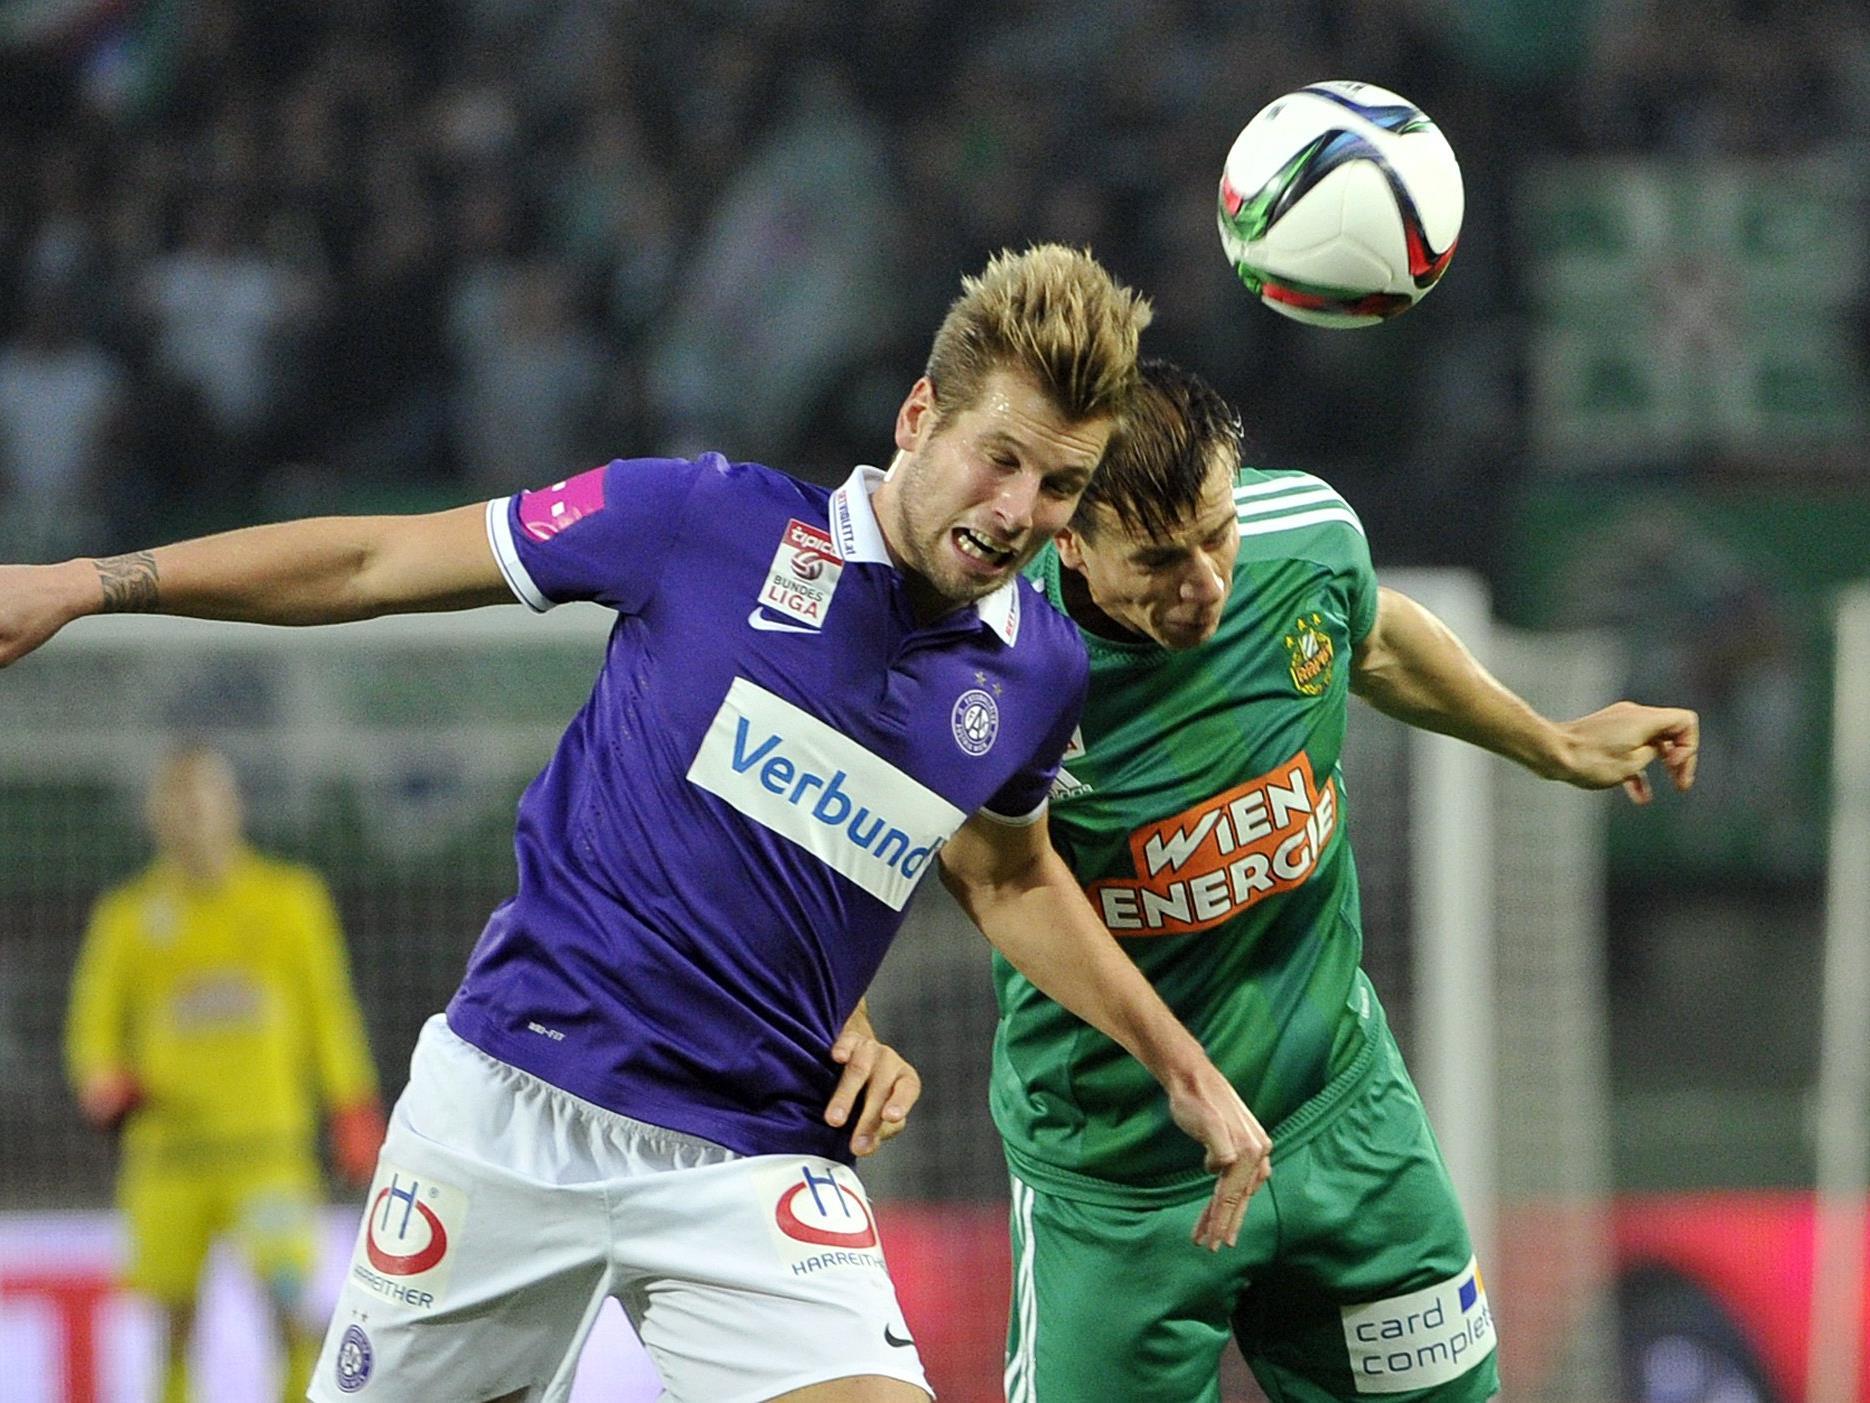 LIVE-Ticker zum Spiel SK Rapid Wien gegen FK Austria Wien ab 16.30 Uhr.